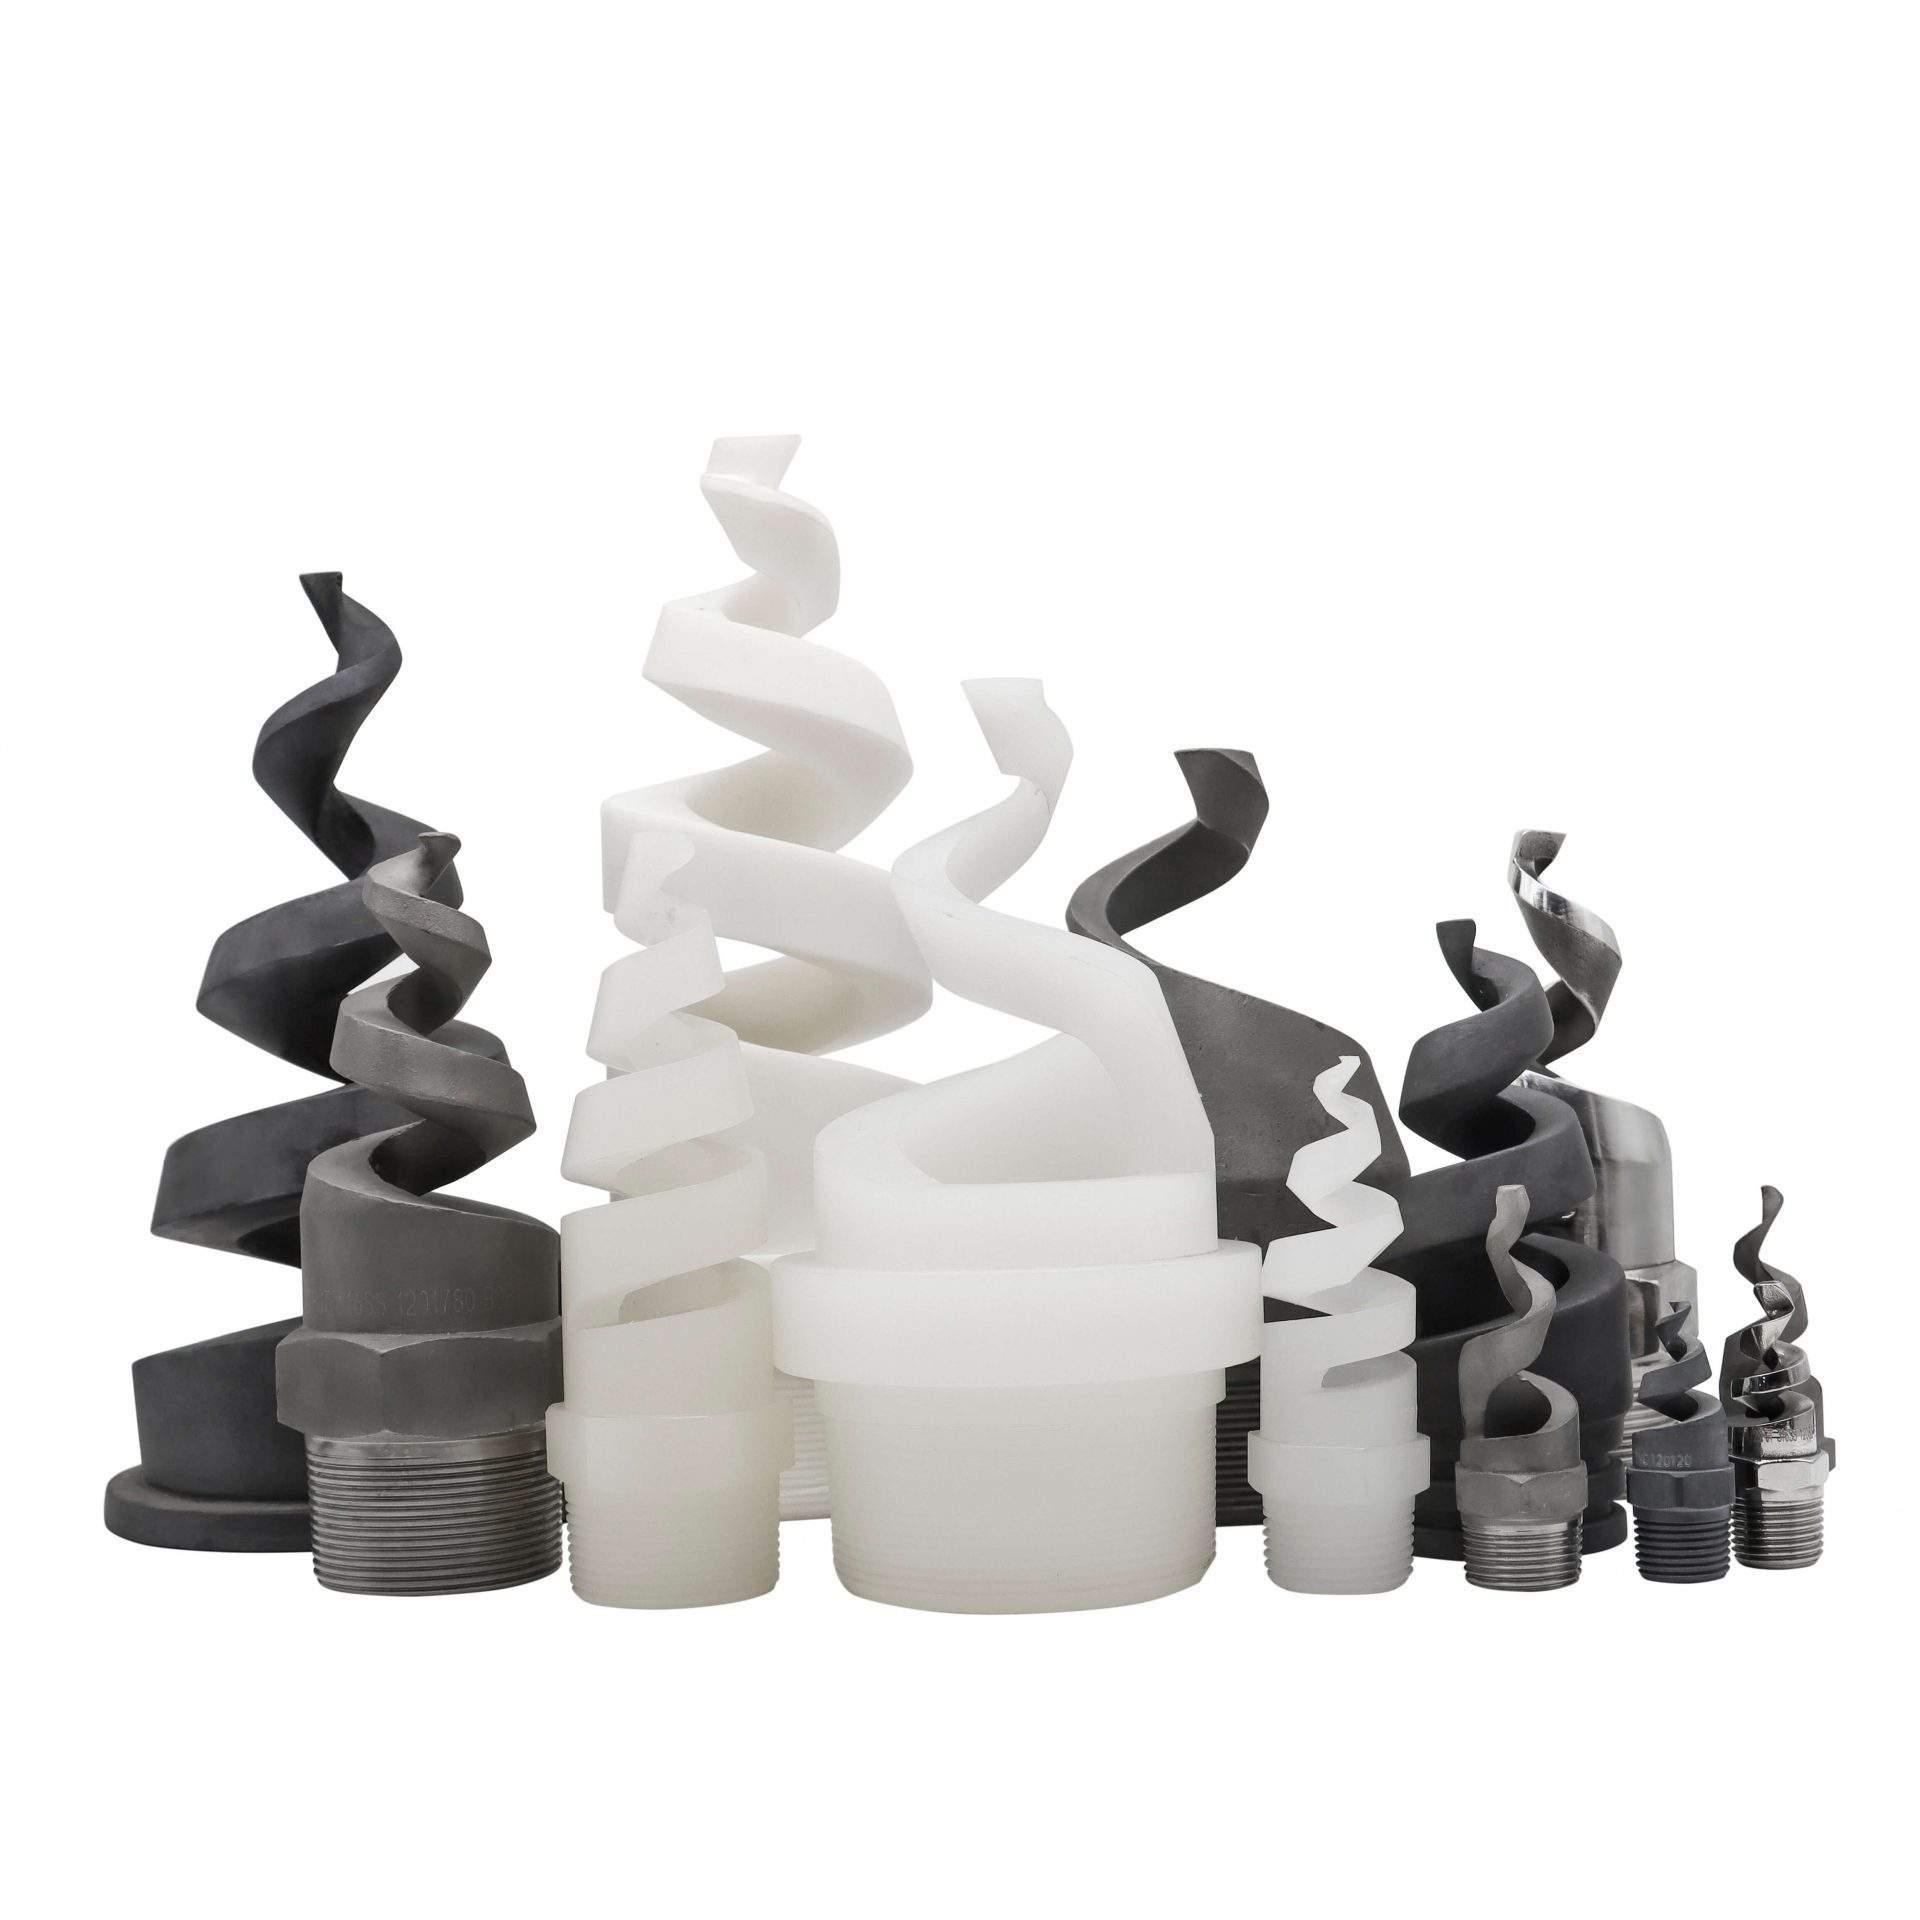 spiral cone nozzle